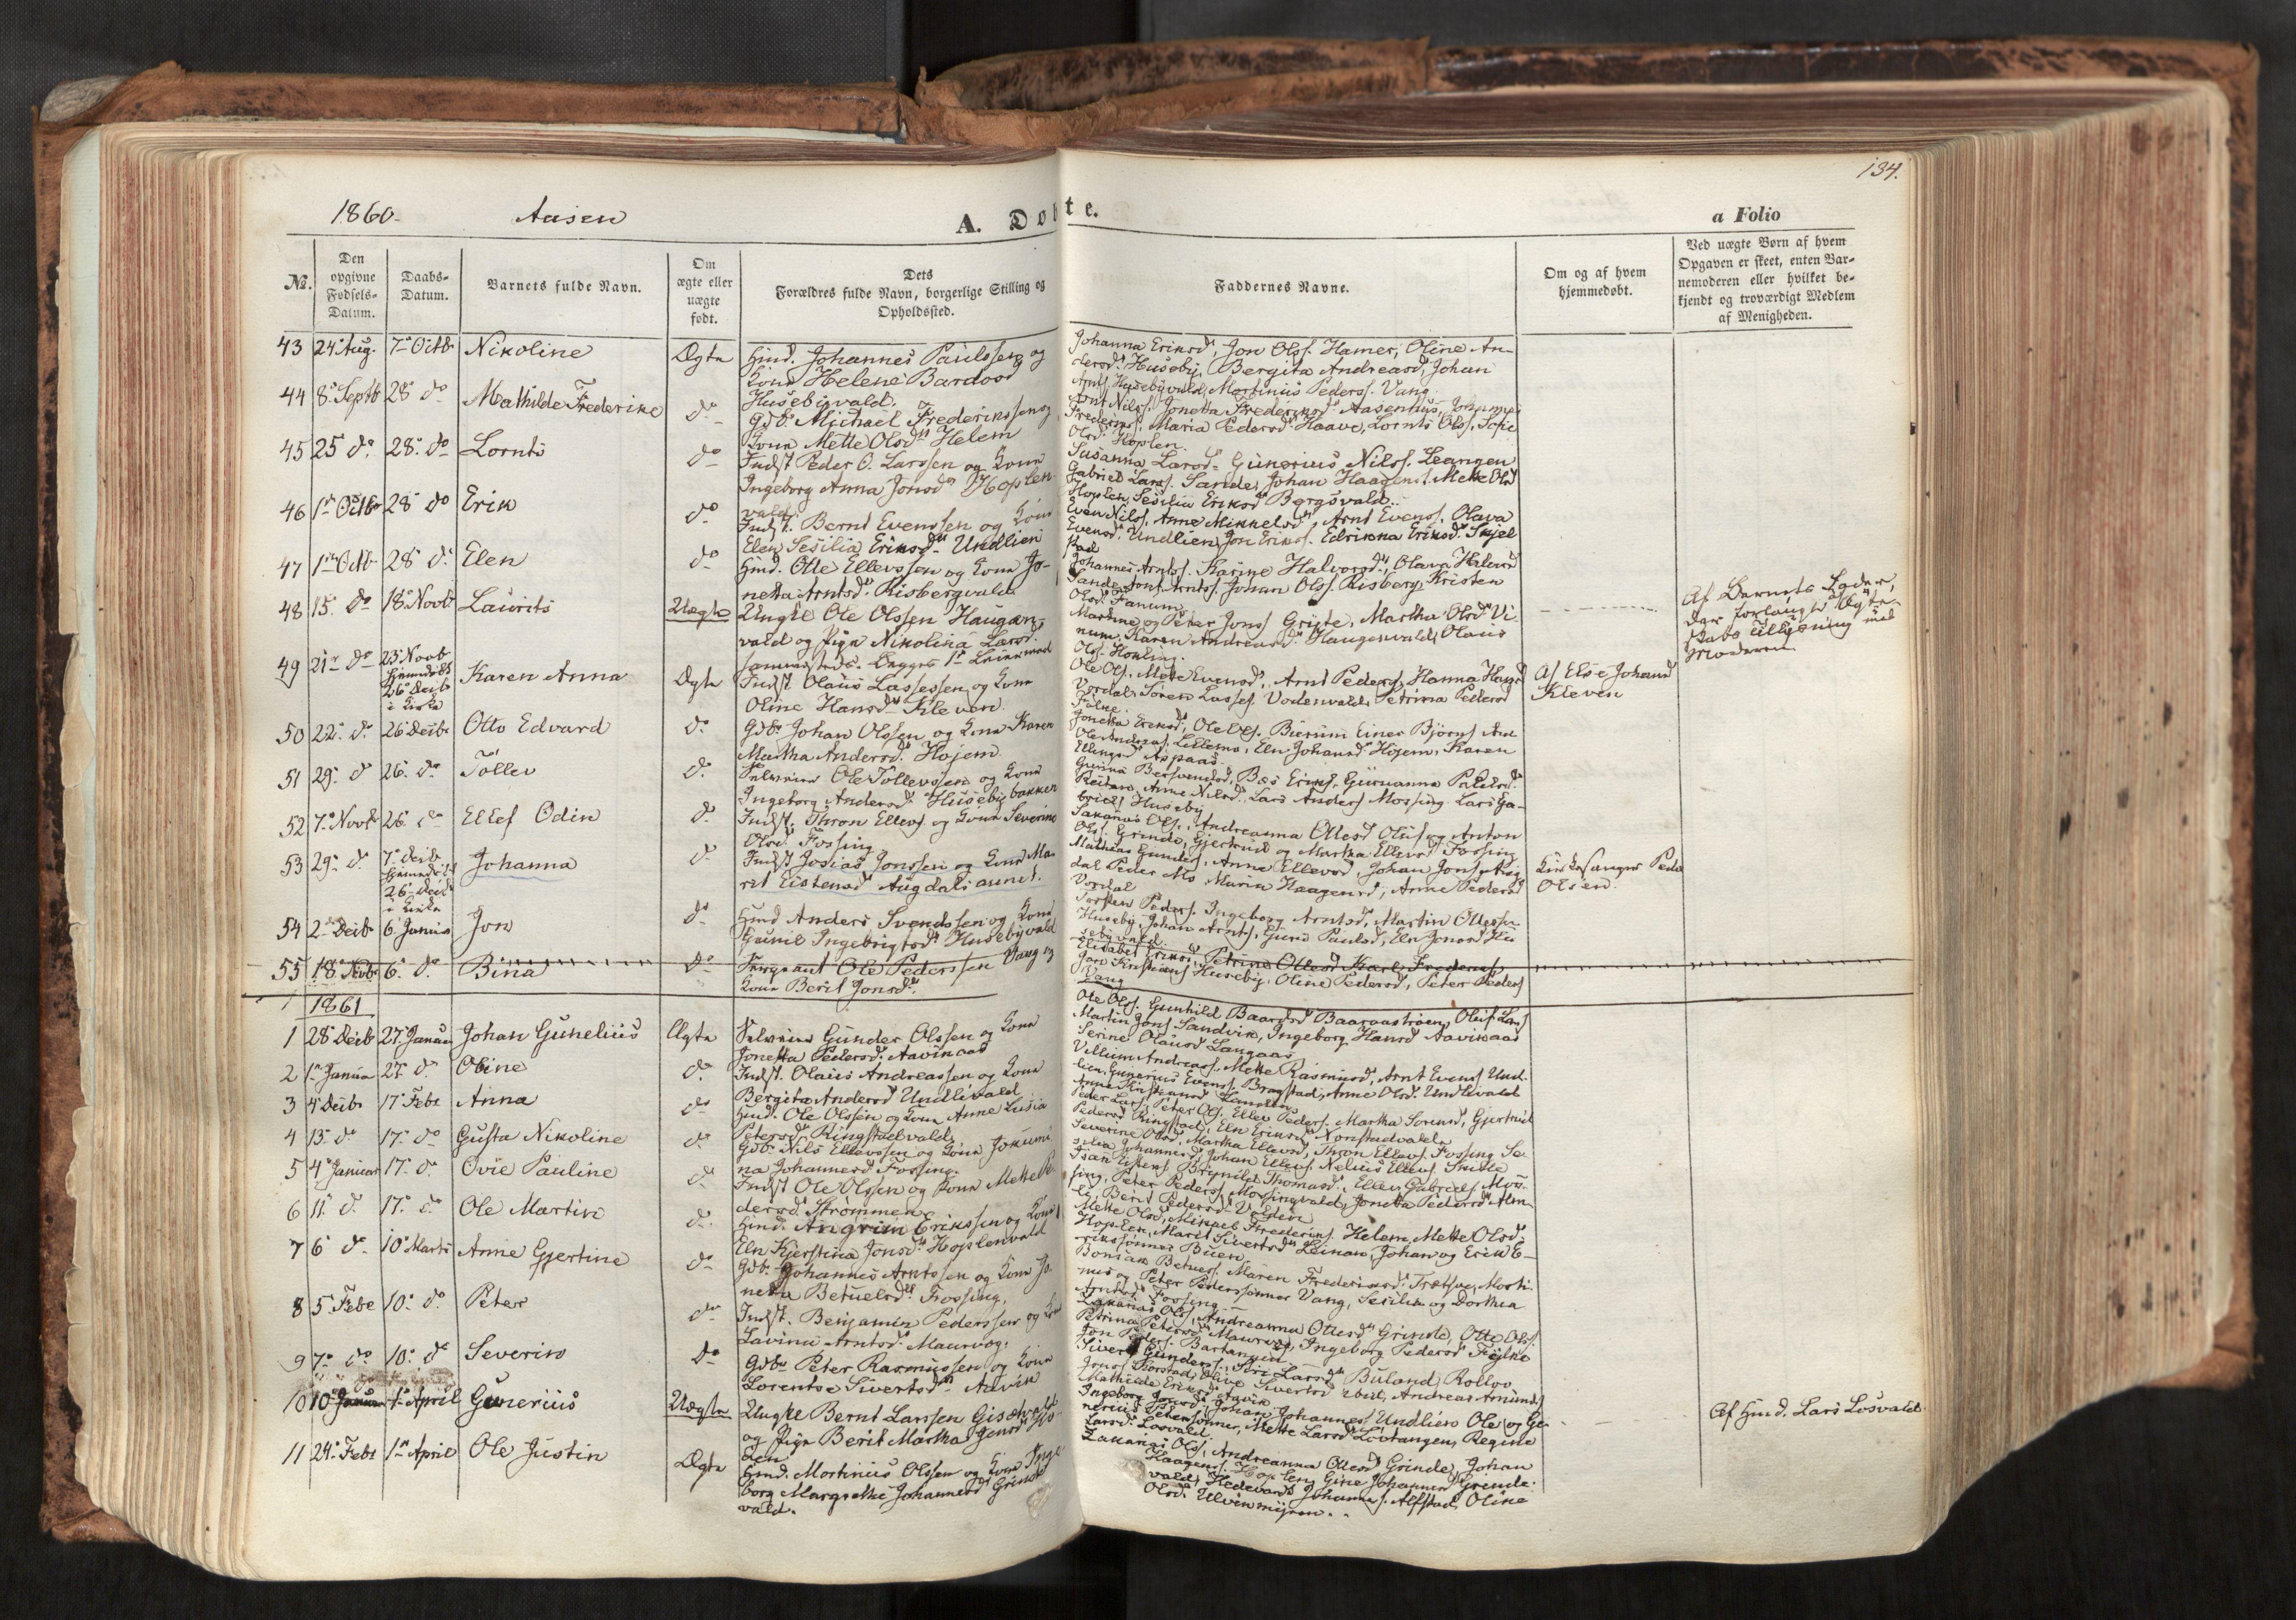 SAT, Ministerialprotokoller, klokkerbøker og fødselsregistre - Nord-Trøndelag, 713/L0116: Ministerialbok nr. 713A07, 1850-1877, s. 134